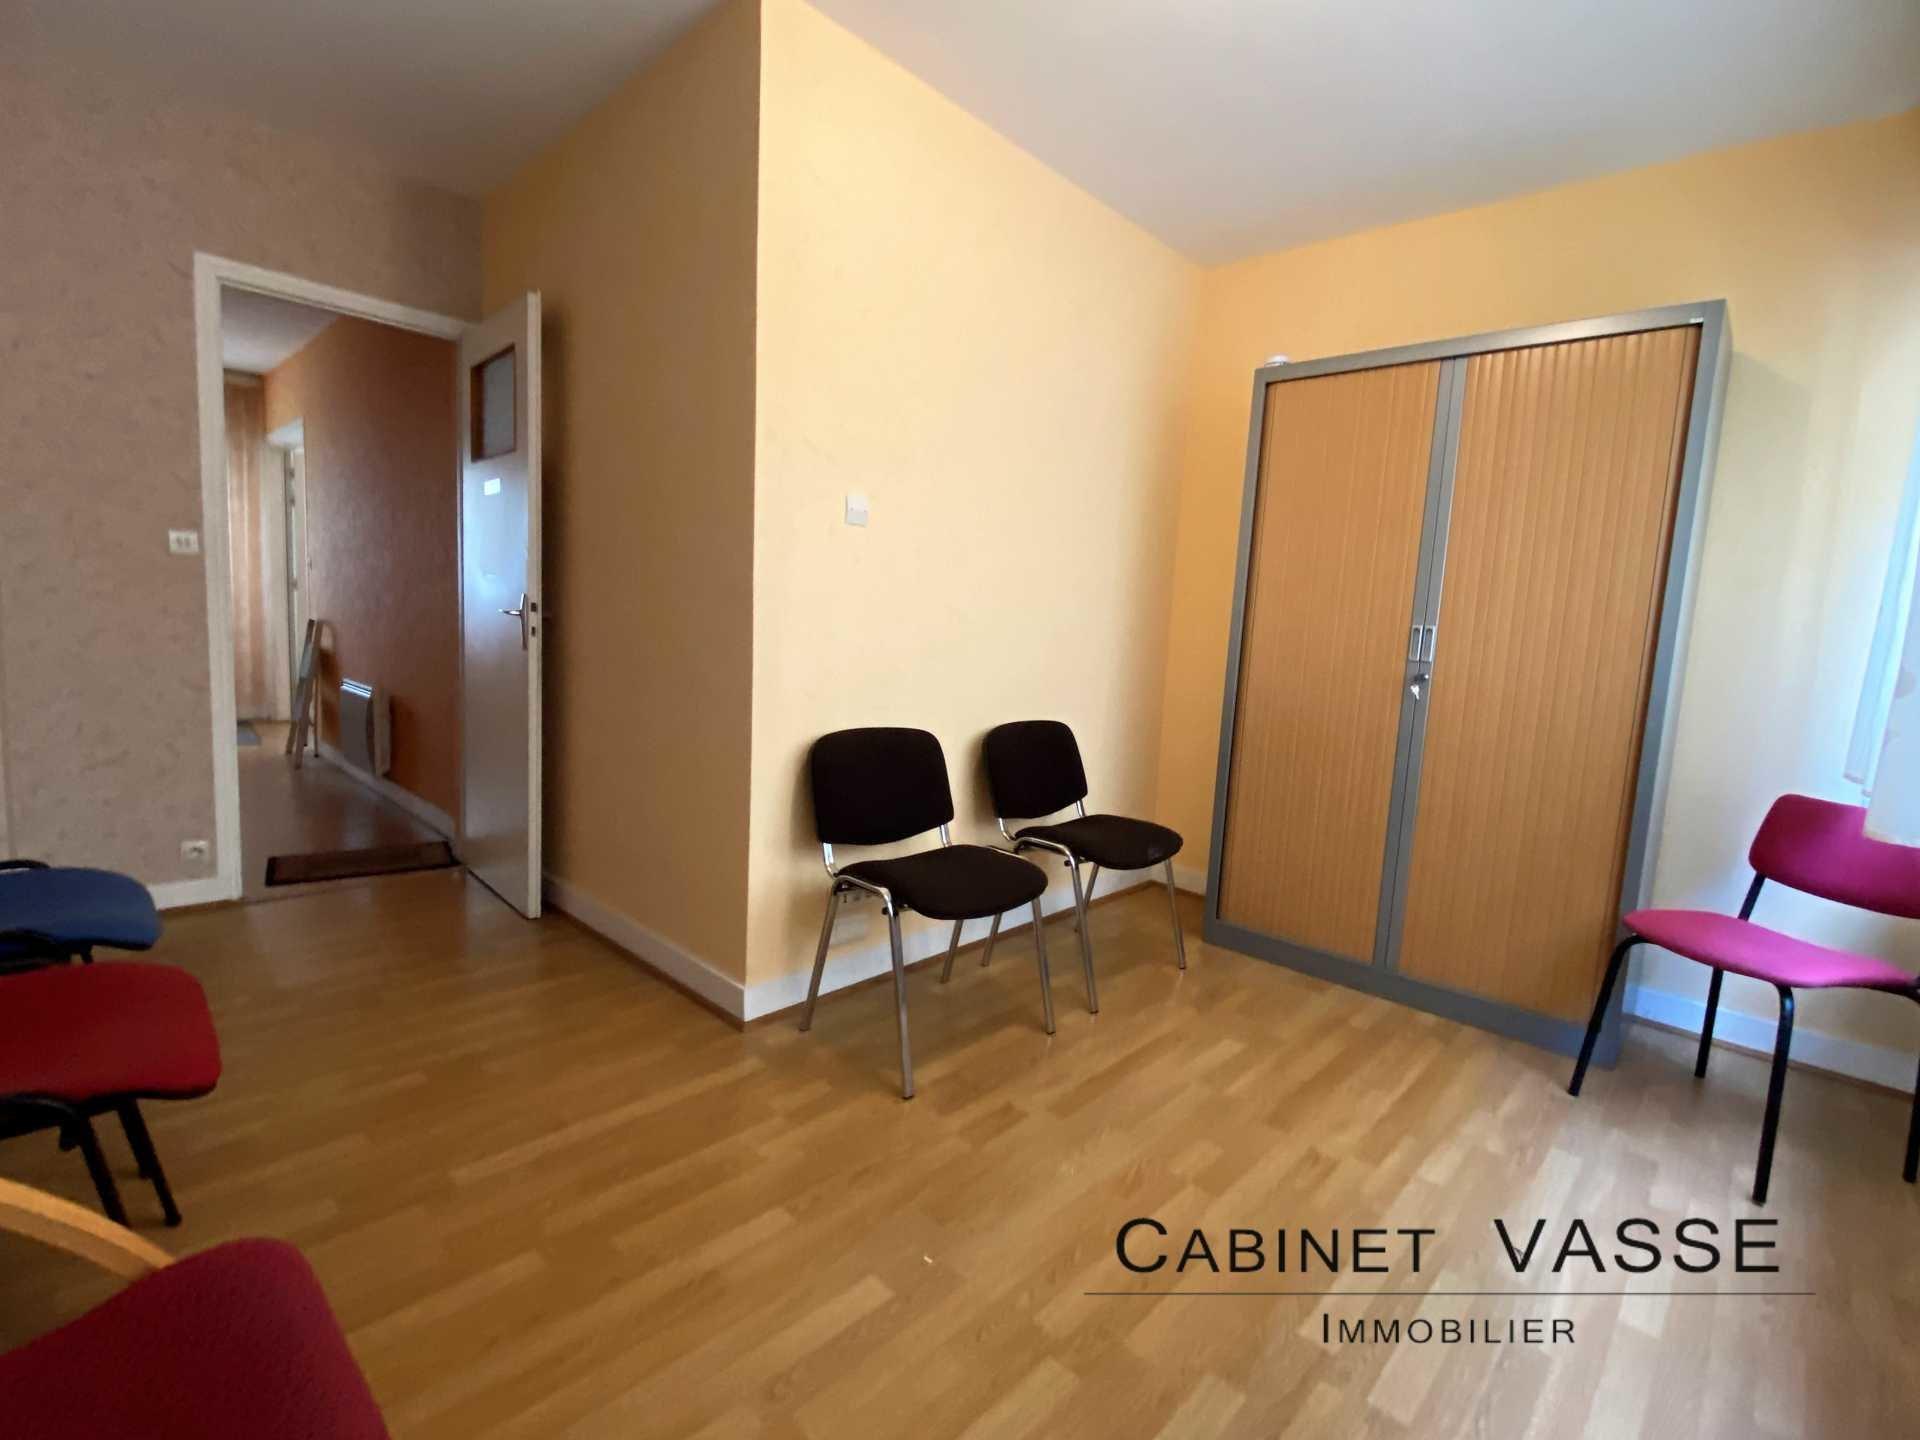 Caen, Vaugueux, cuisine, salle d'attente, travaux à prévoir, vasse, a vendre